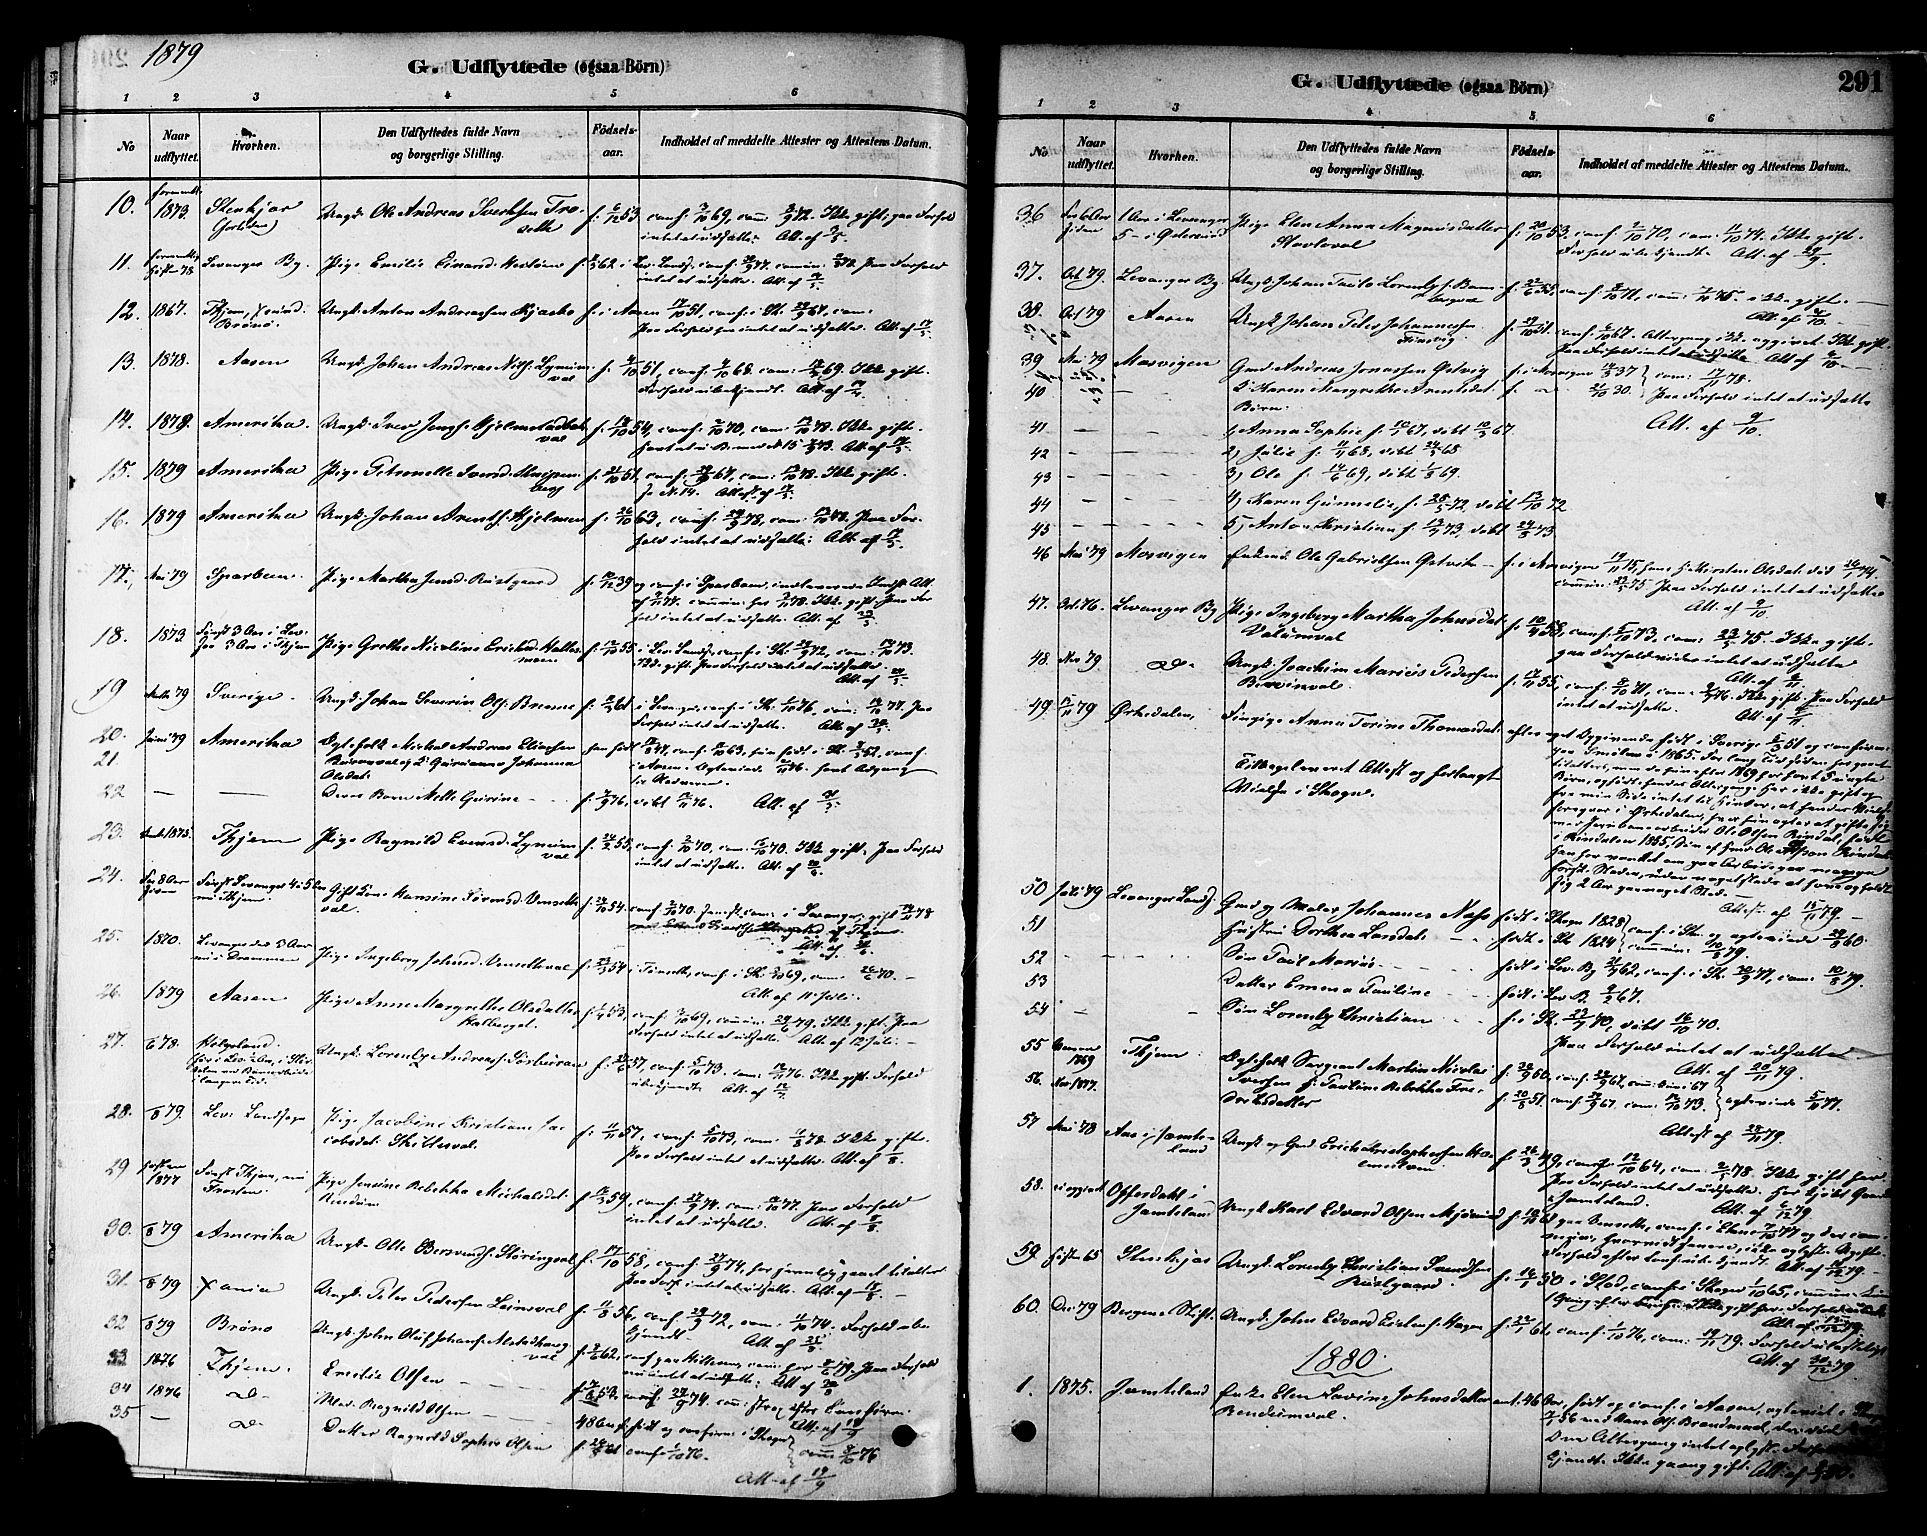 SAT, Ministerialprotokoller, klokkerbøker og fødselsregistre - Nord-Trøndelag, 717/L0159: Ministerialbok nr. 717A09, 1878-1898, s. 291